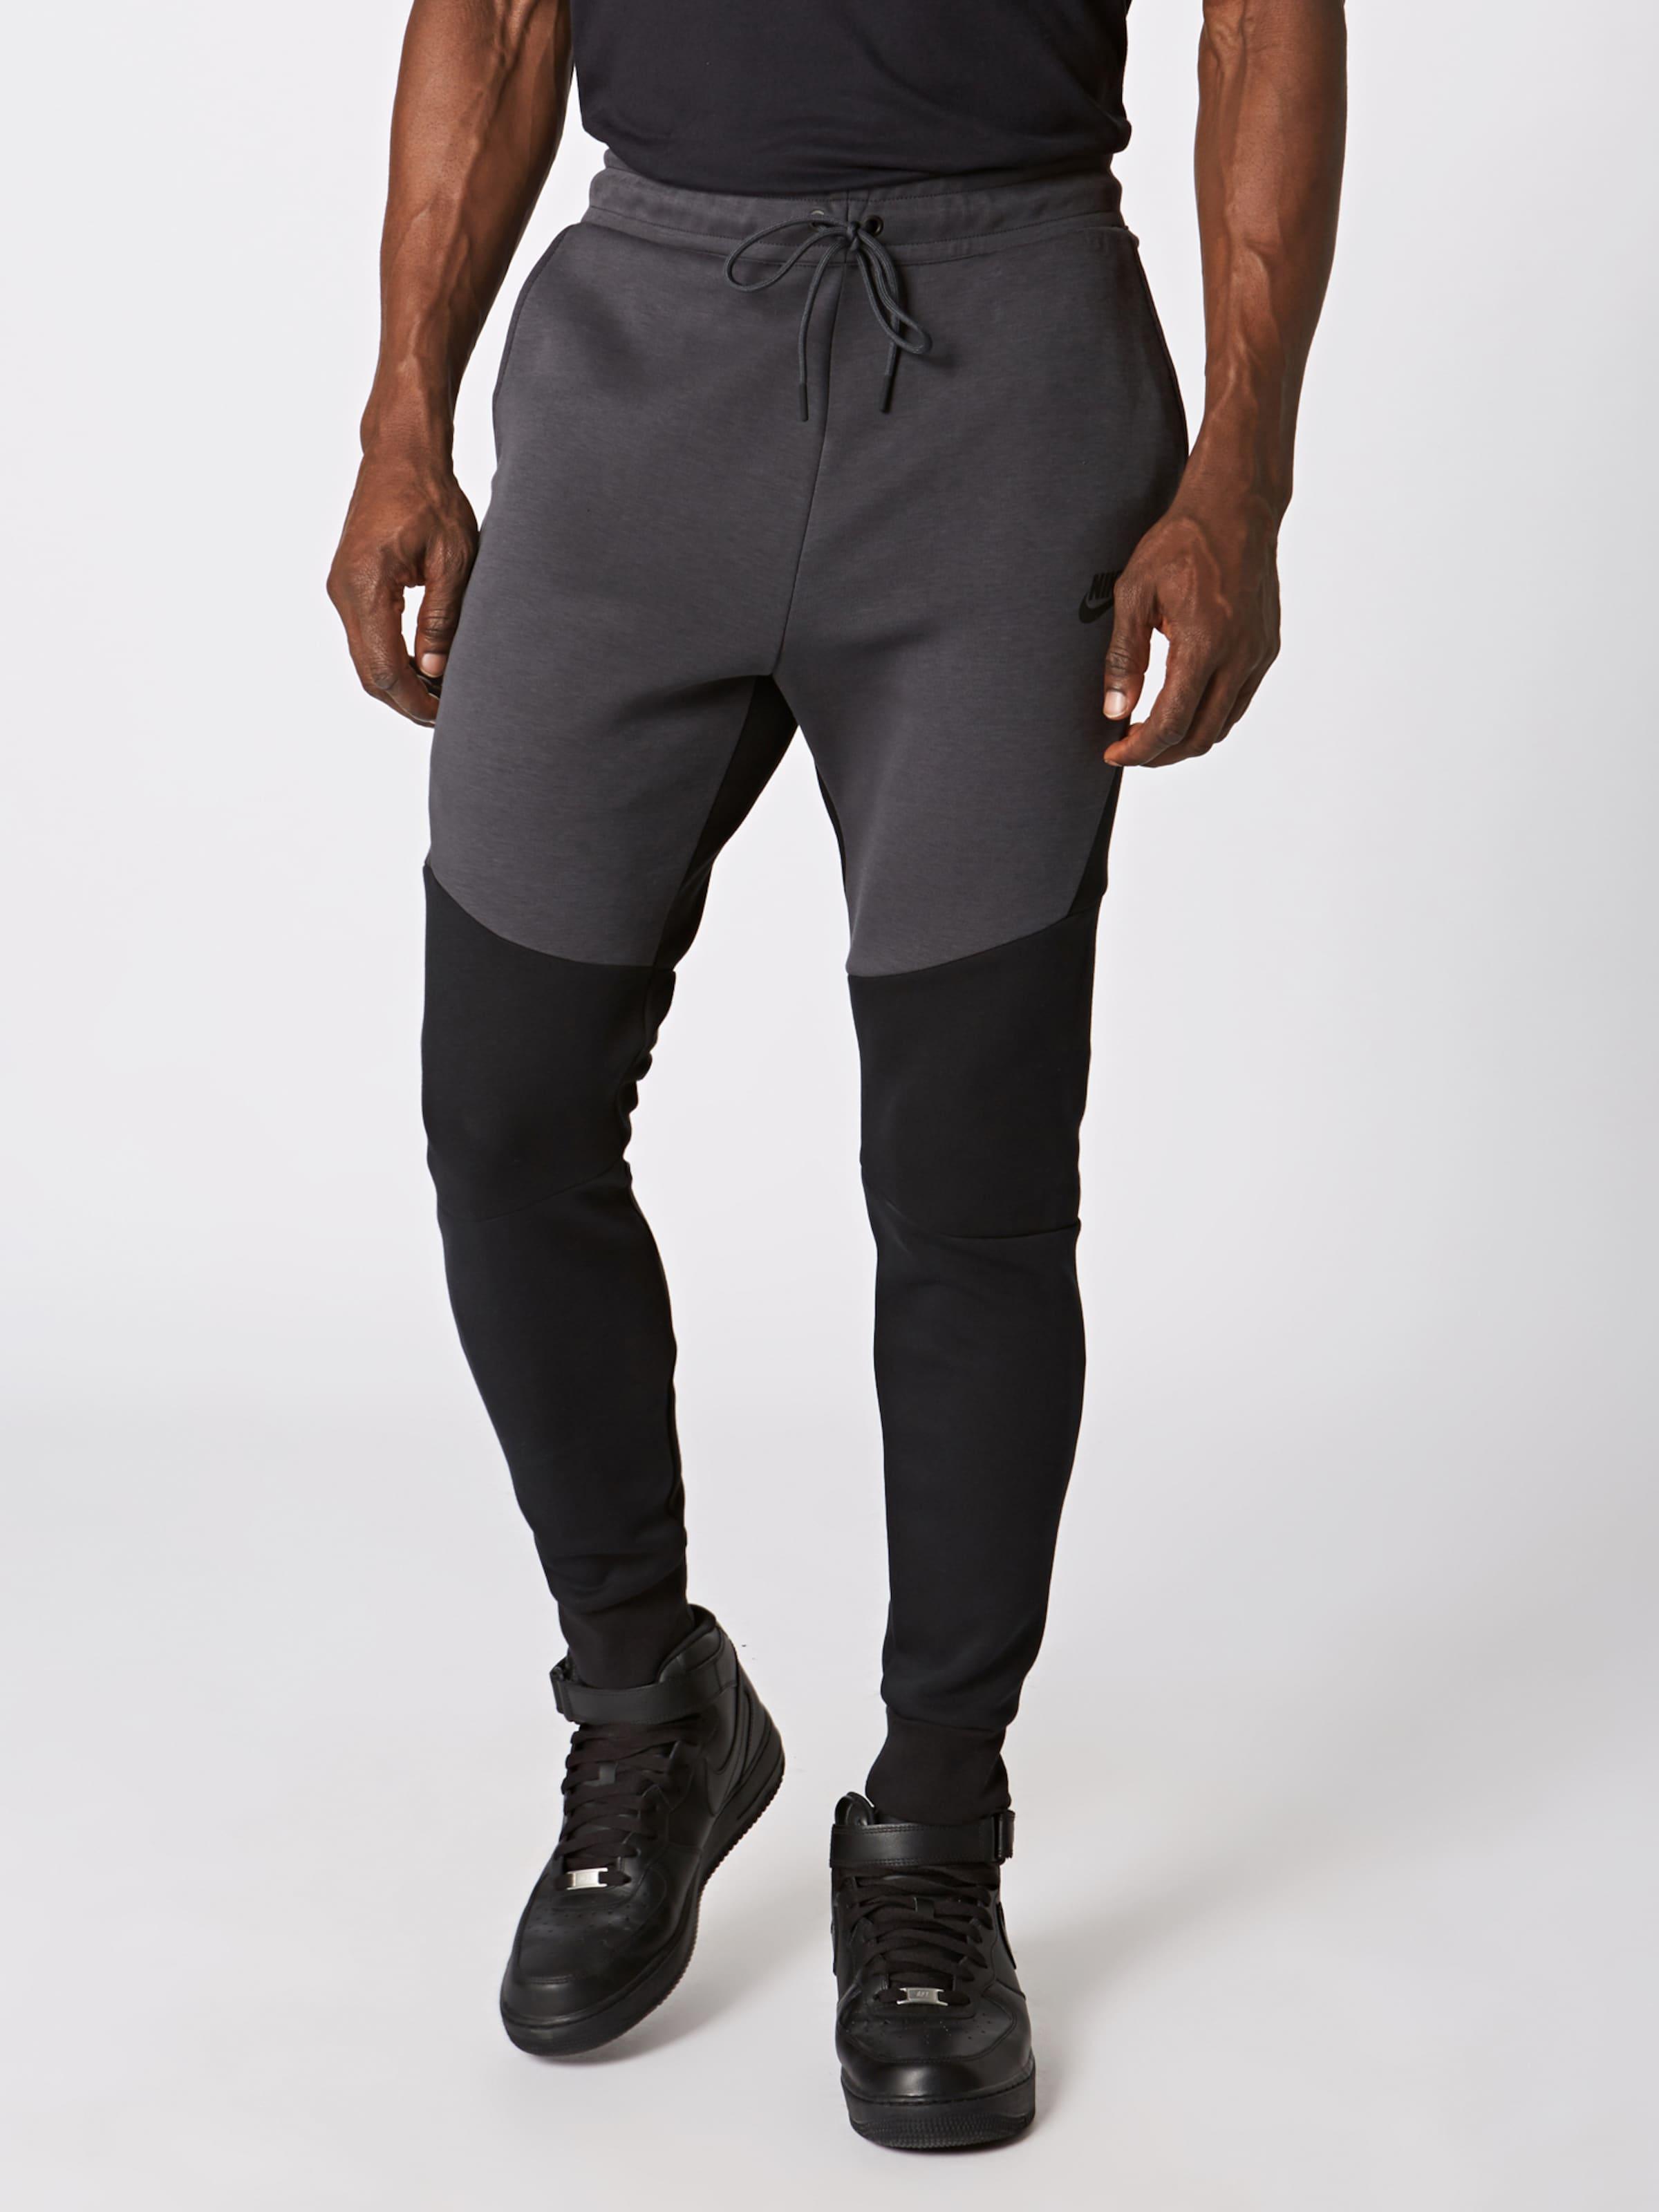 Sportswear Jogginghose Nike In Sportswear In Sportswear DunkelgrauSchwarz Nike DunkelgrauSchwarz Jogginghose Jogginghose Nike QrshdtxC